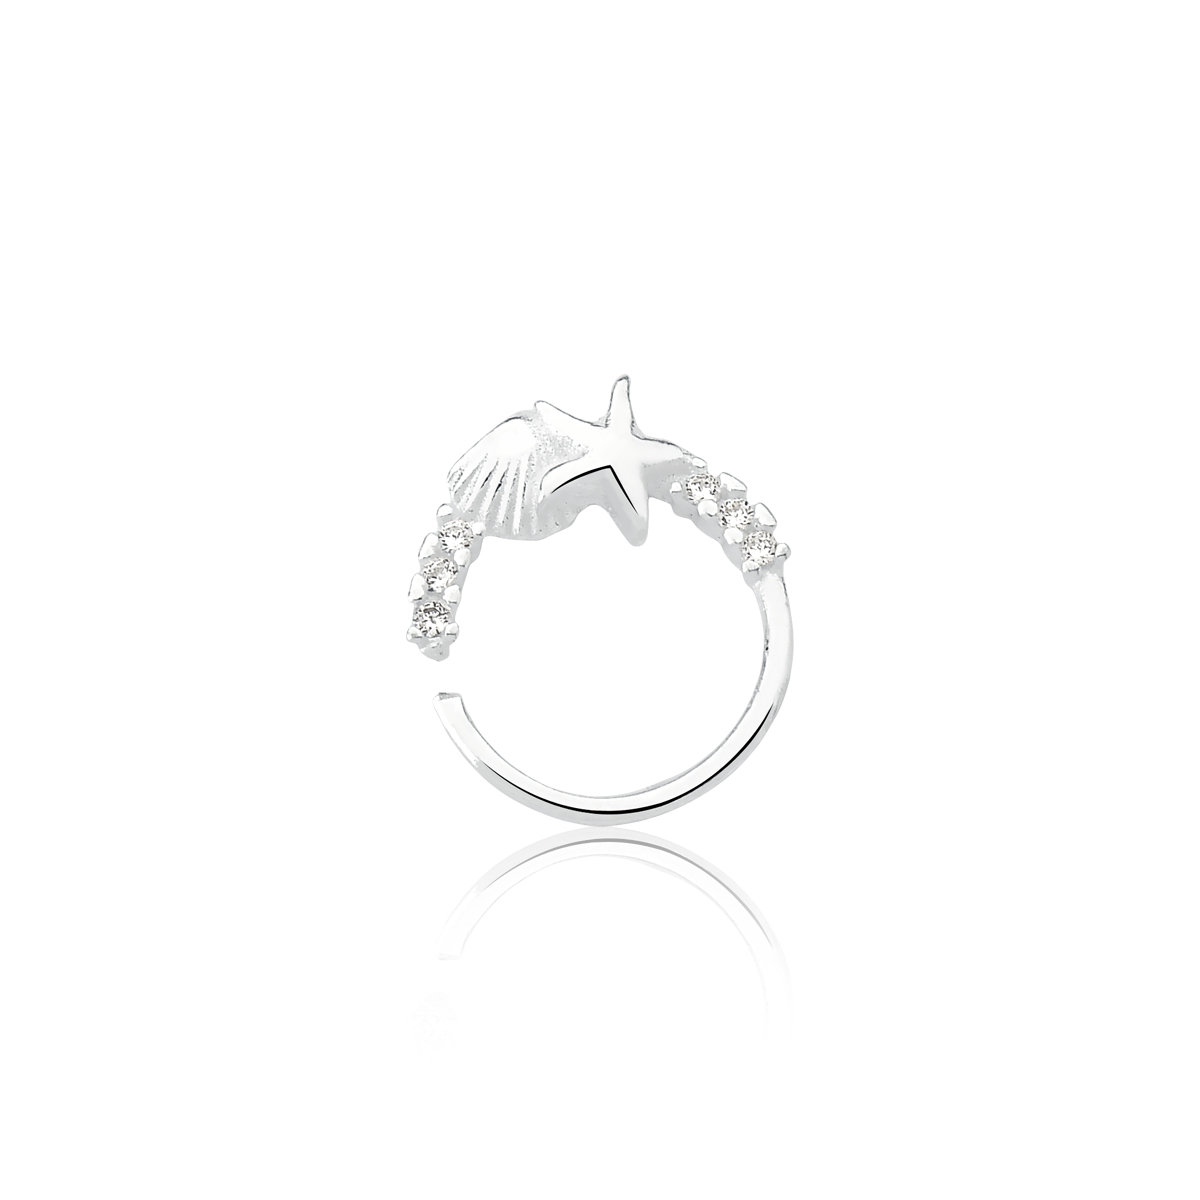 Piercing Estrela Concha Brilhante